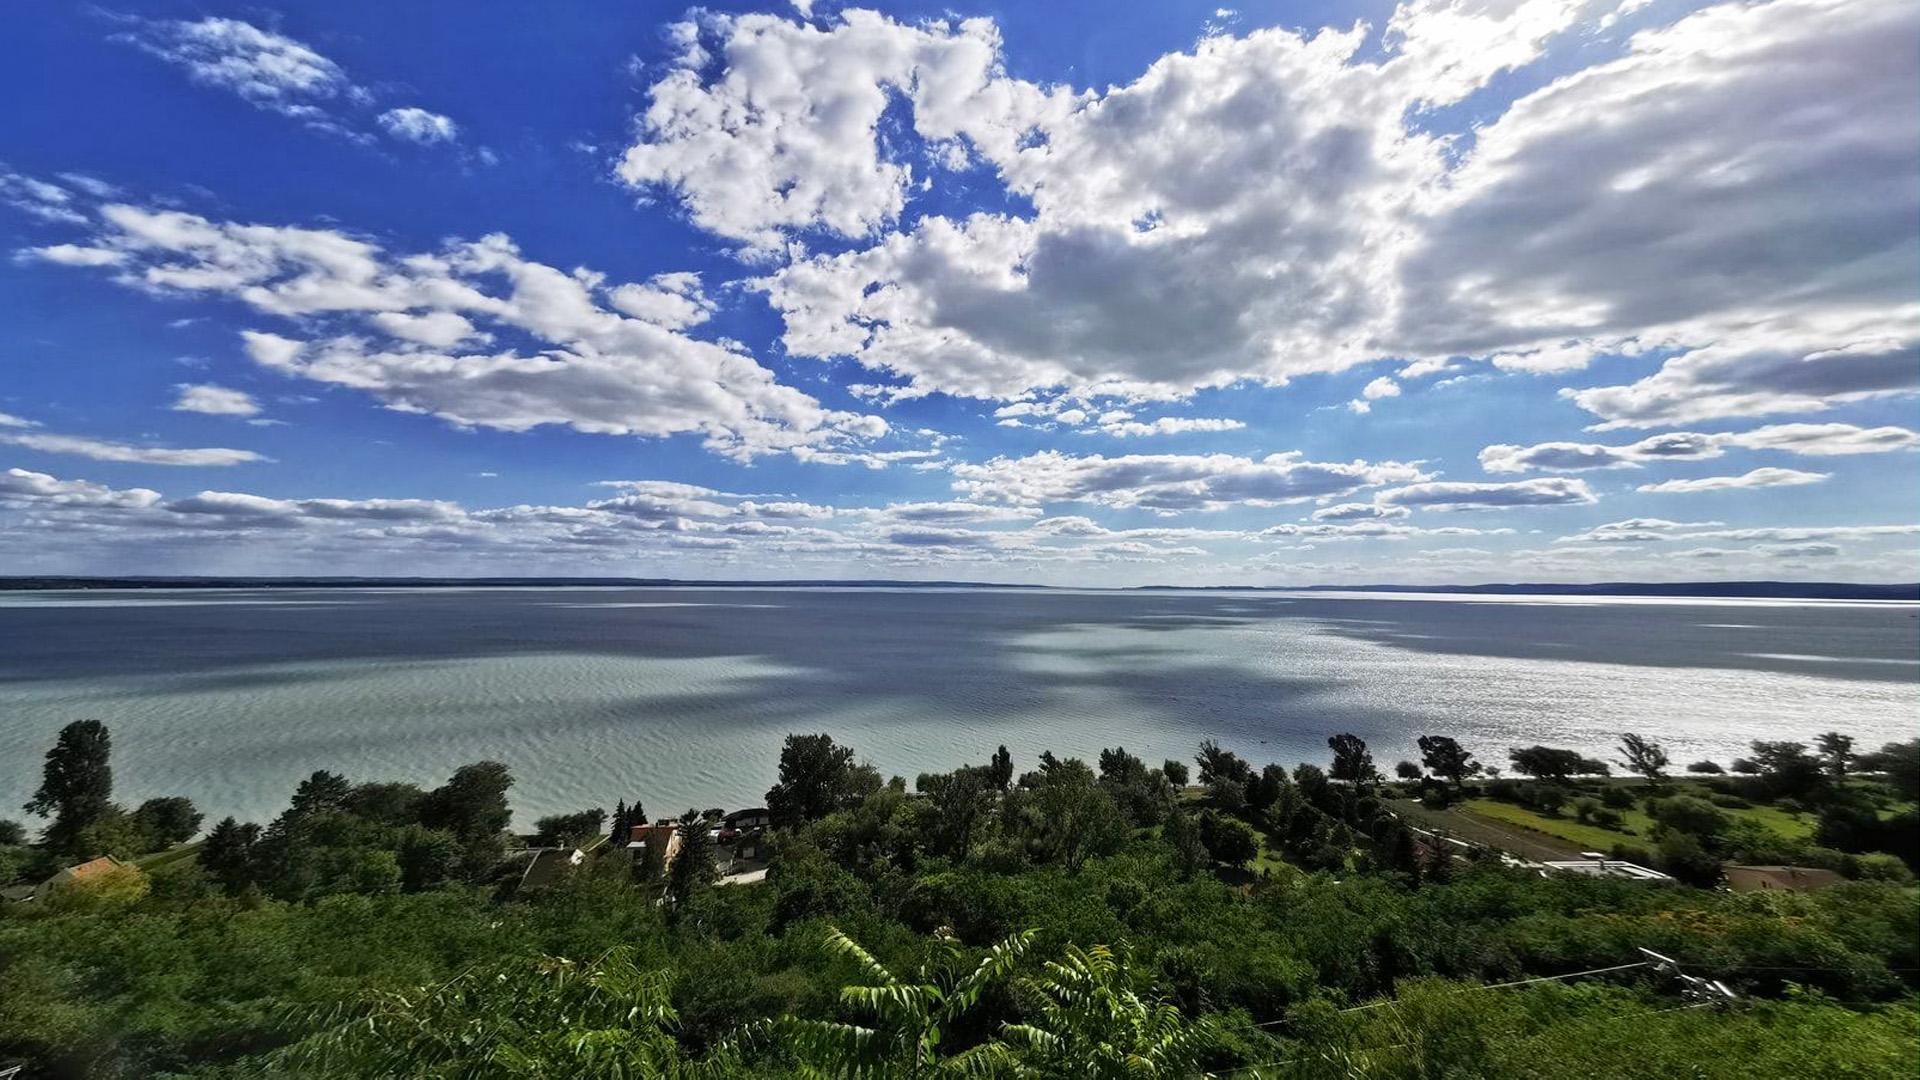 Szem ritkán lát szebbet! Két keréken a Balaton körül - 31 látványos fotó